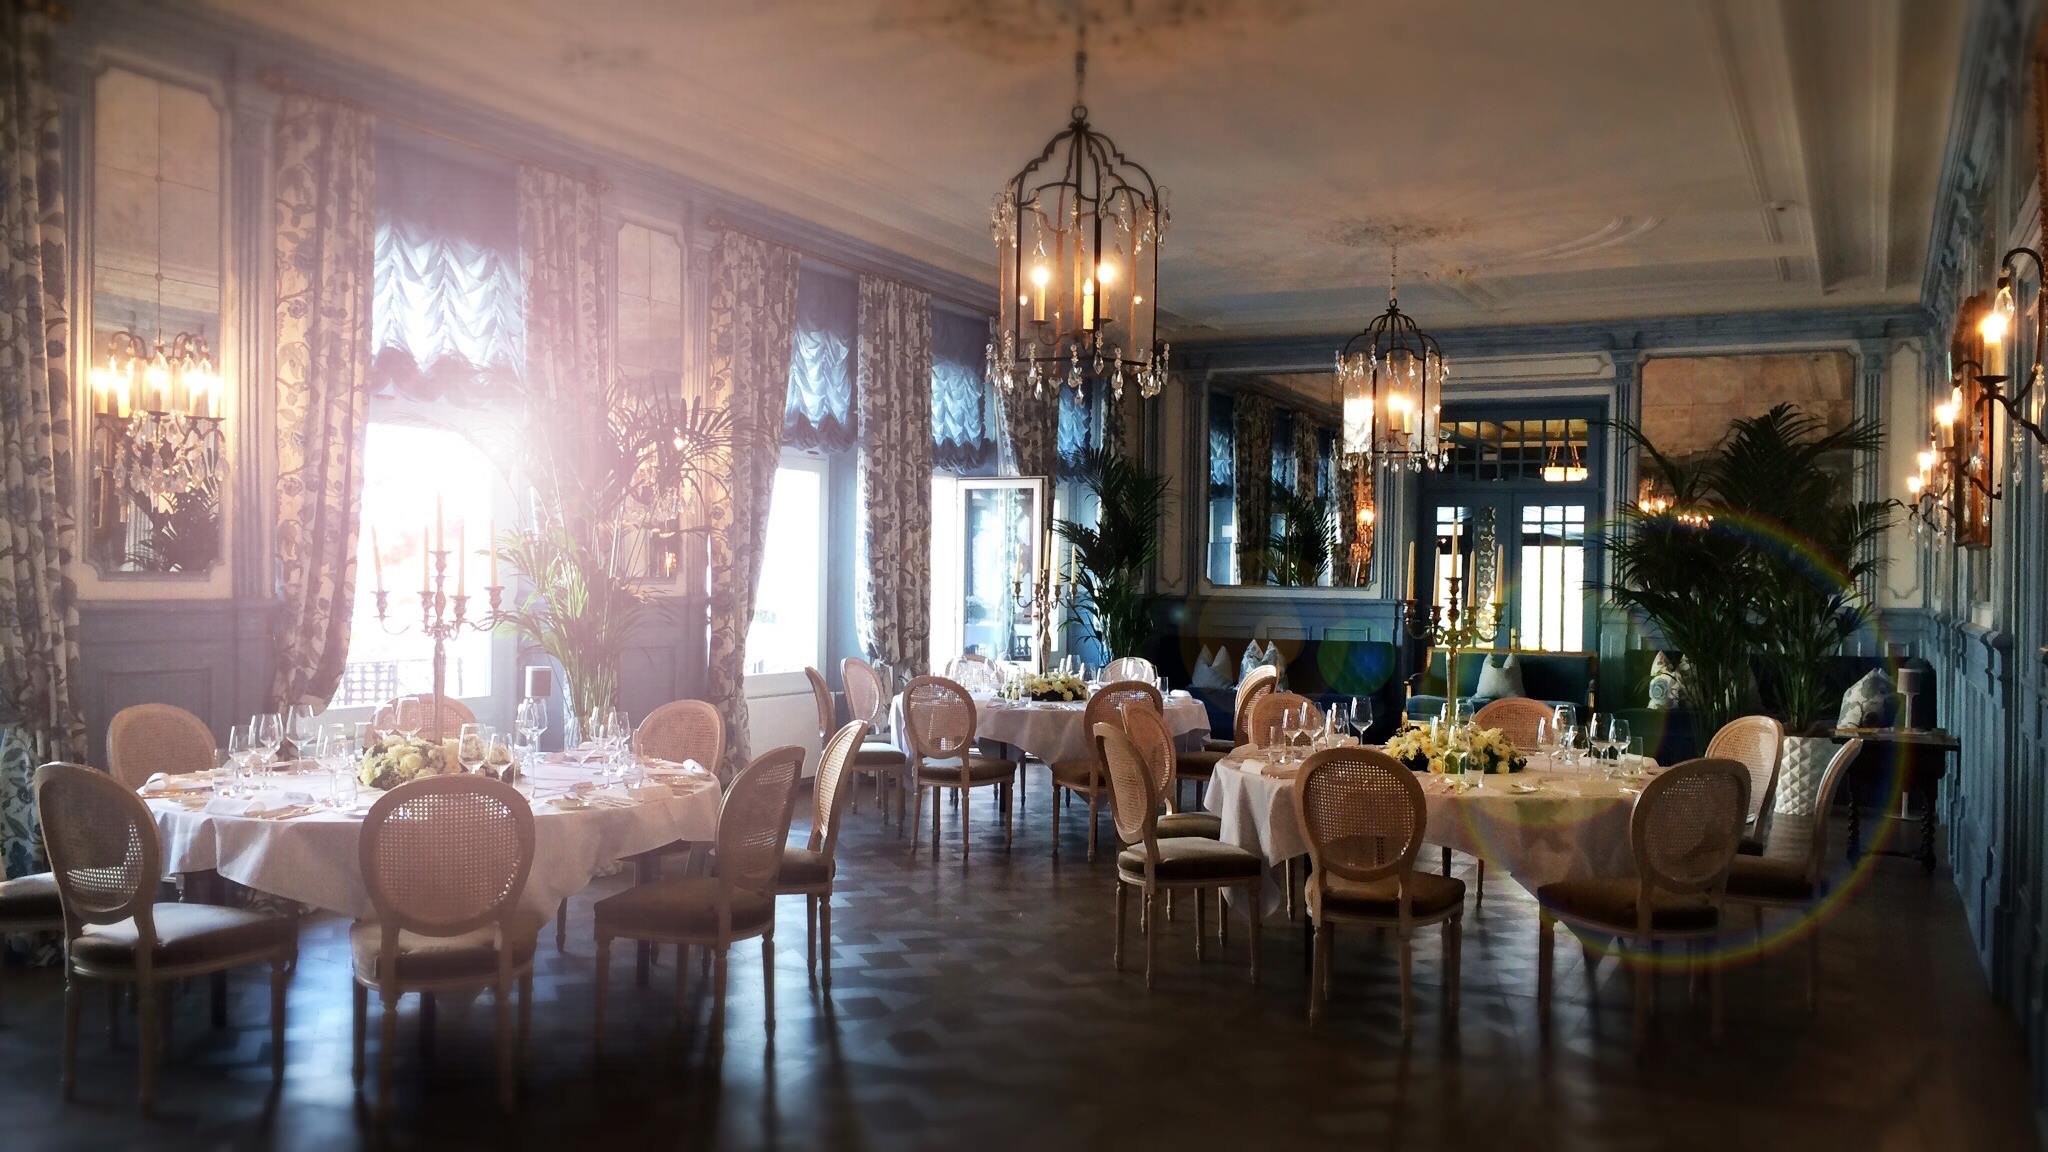 Dining at Lucerne's Château Gütsch